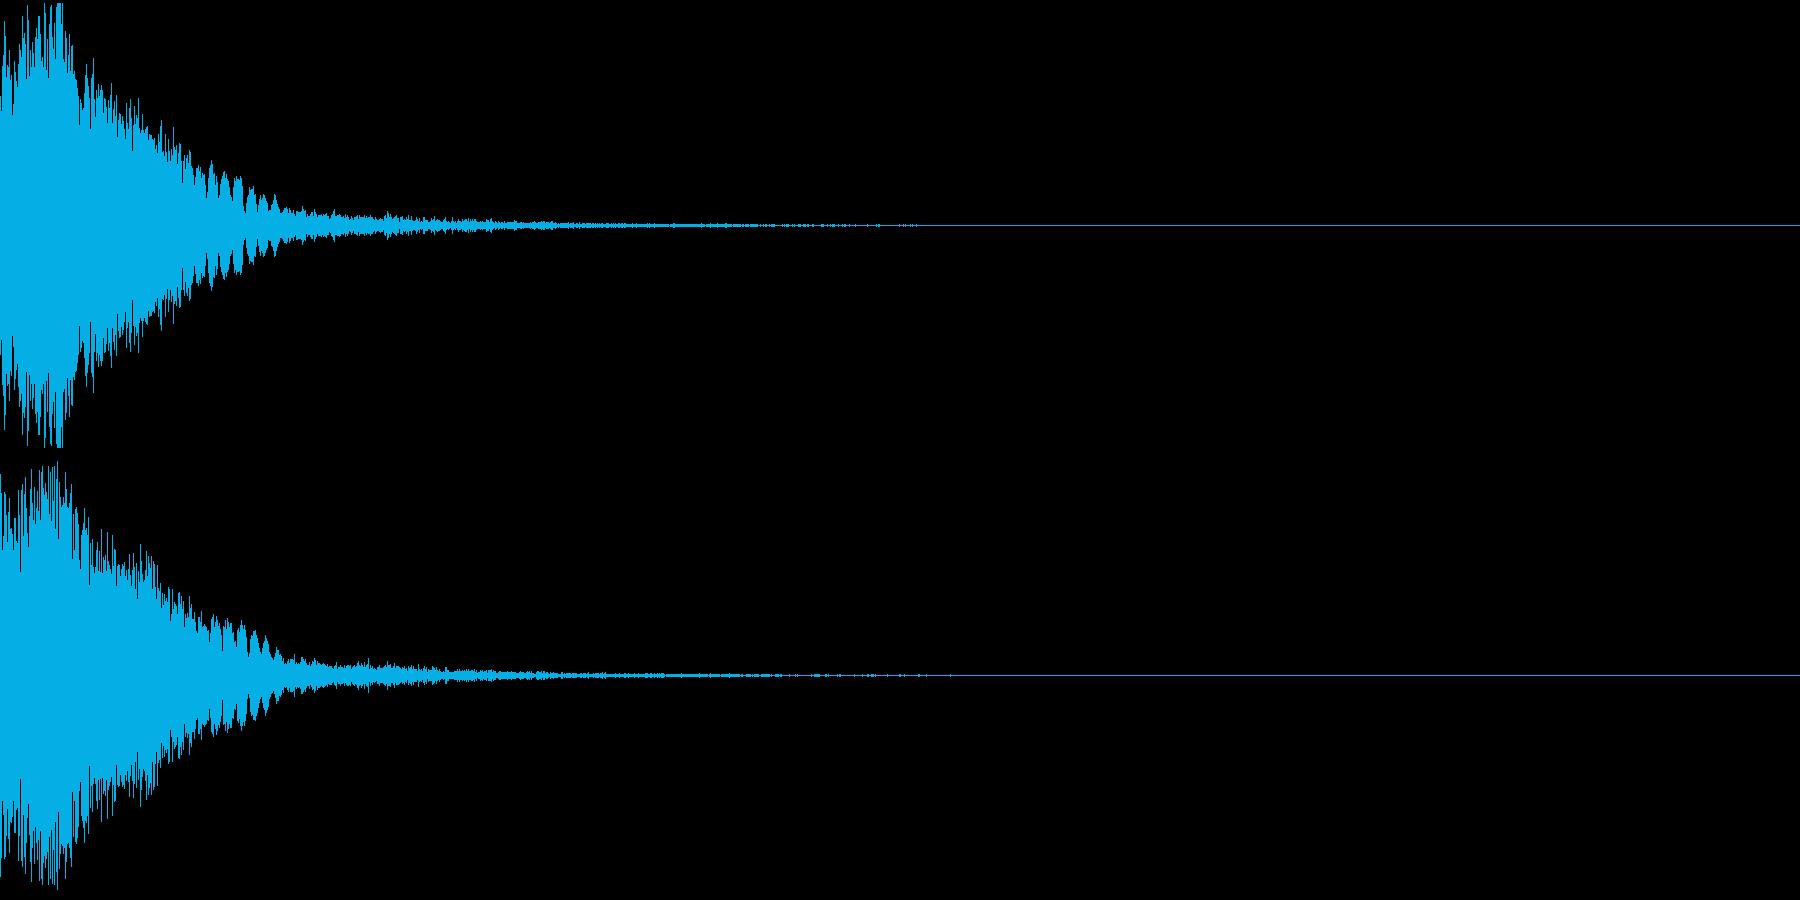 刀 剣 カキーン シャキーン 目立つ26の再生済みの波形